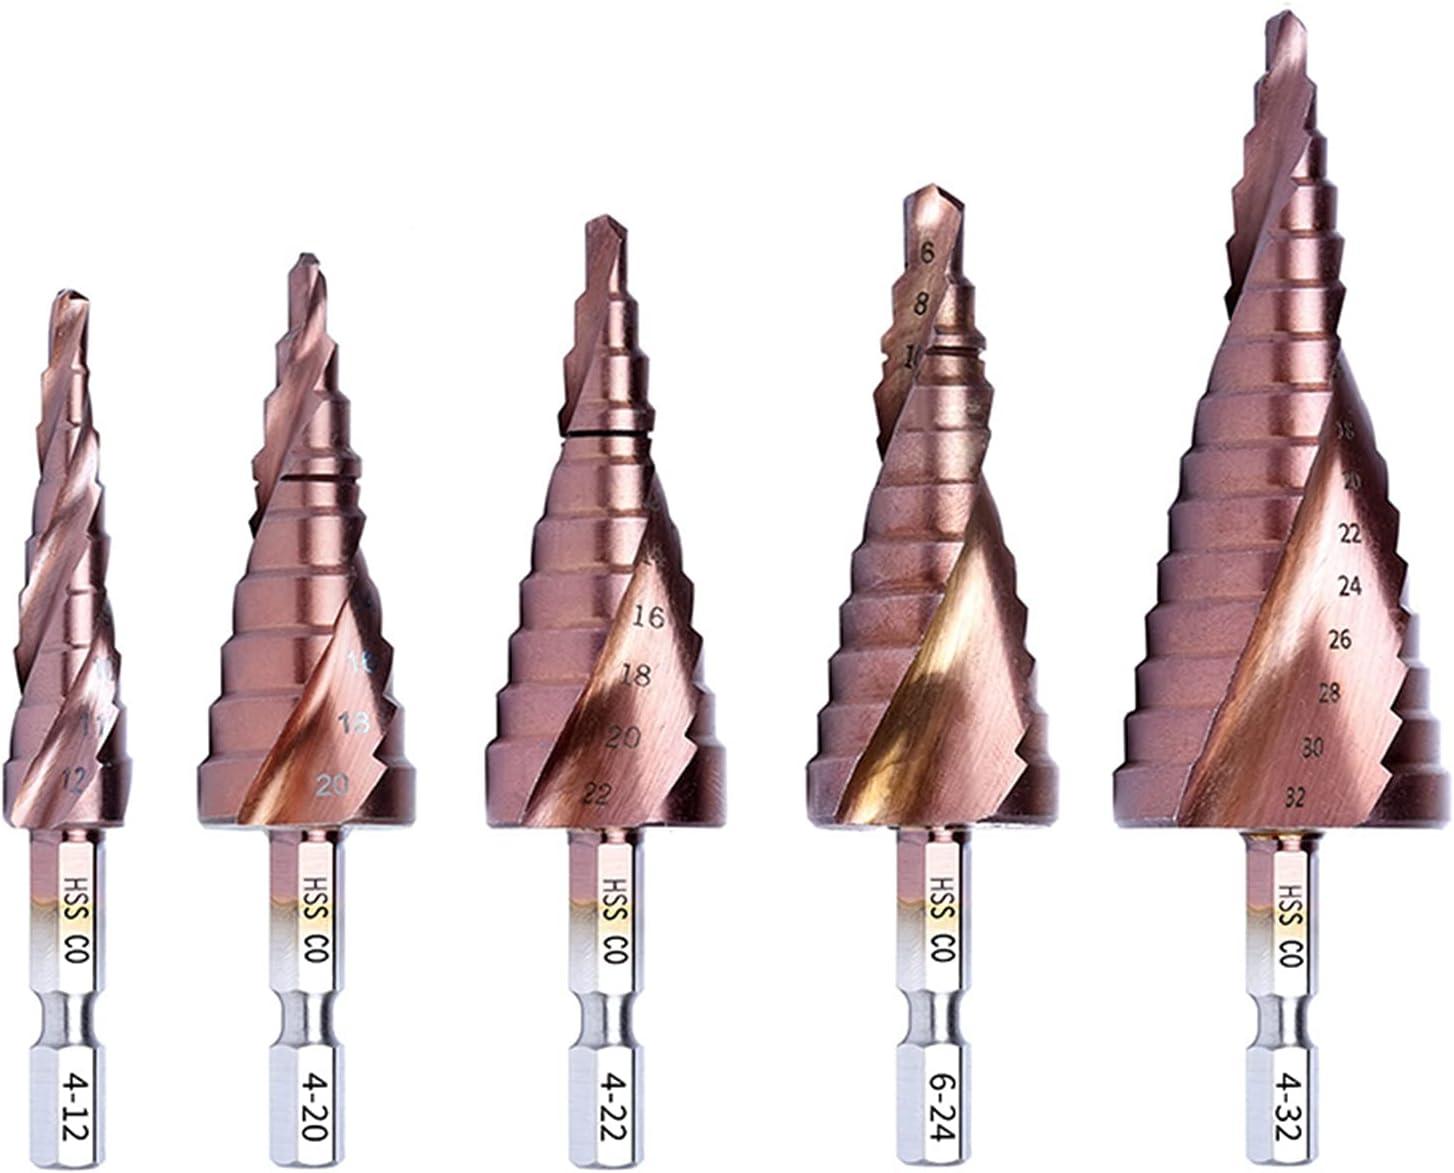 Cobalt HSS Step Drill Bit High-Speed Steel Hex Me Great interest Shank Finally resale start Cone